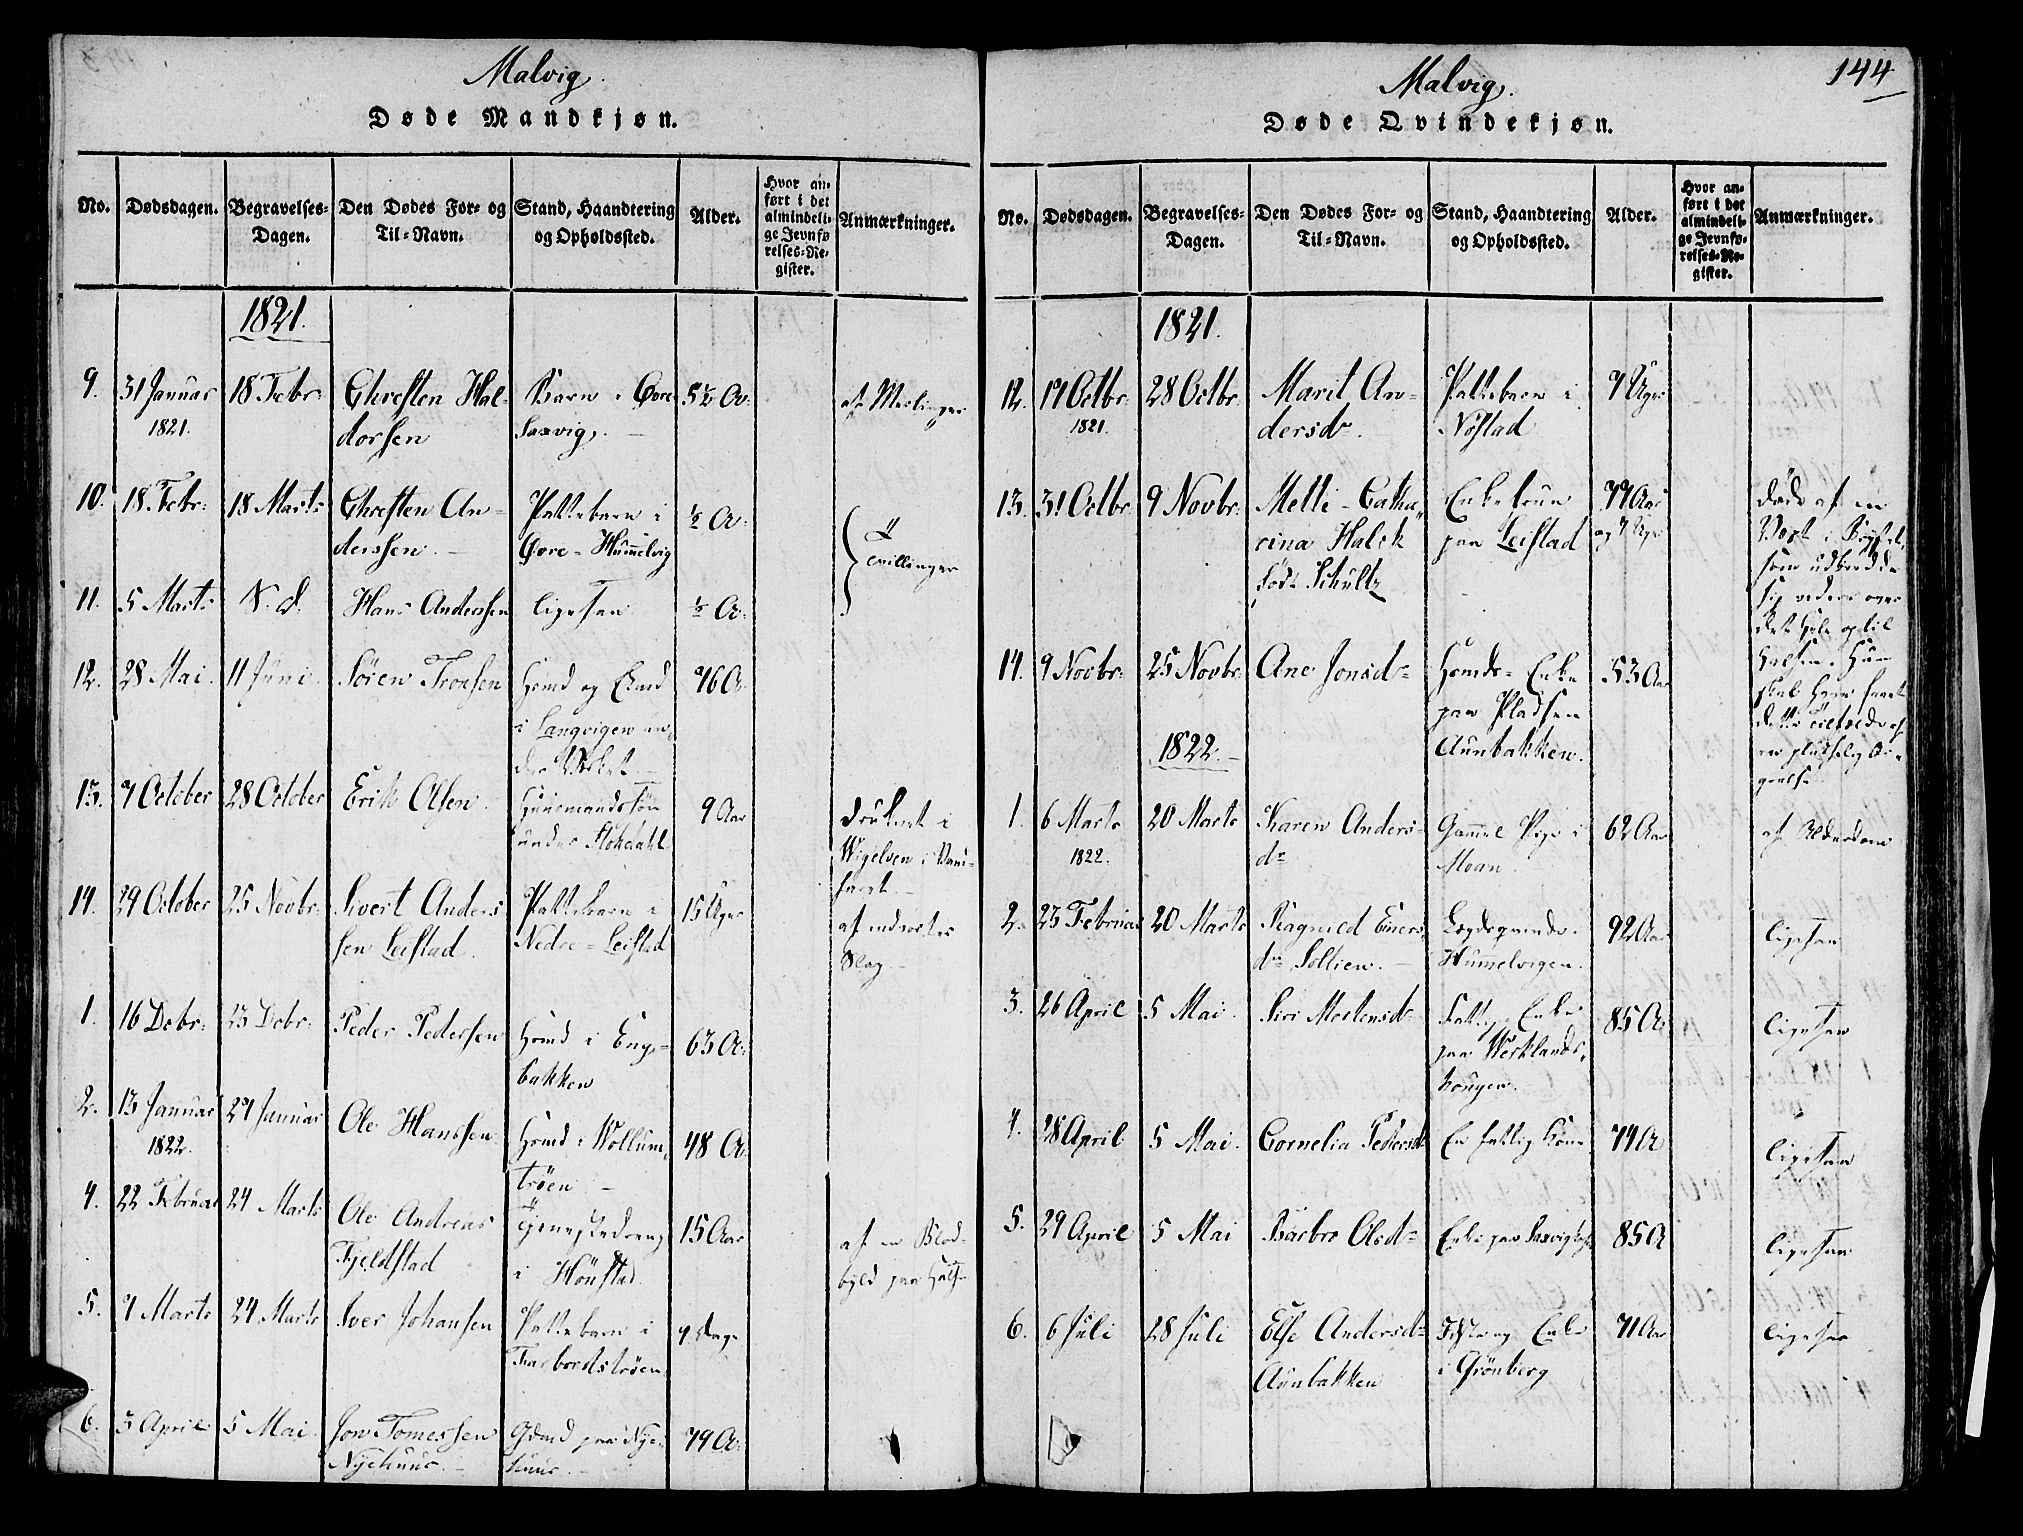 SAT, Ministerialprotokoller, klokkerbøker og fødselsregistre - Sør-Trøndelag, 606/L0284: Ministerialbok nr. 606A03 /2, 1819-1823, s. 144